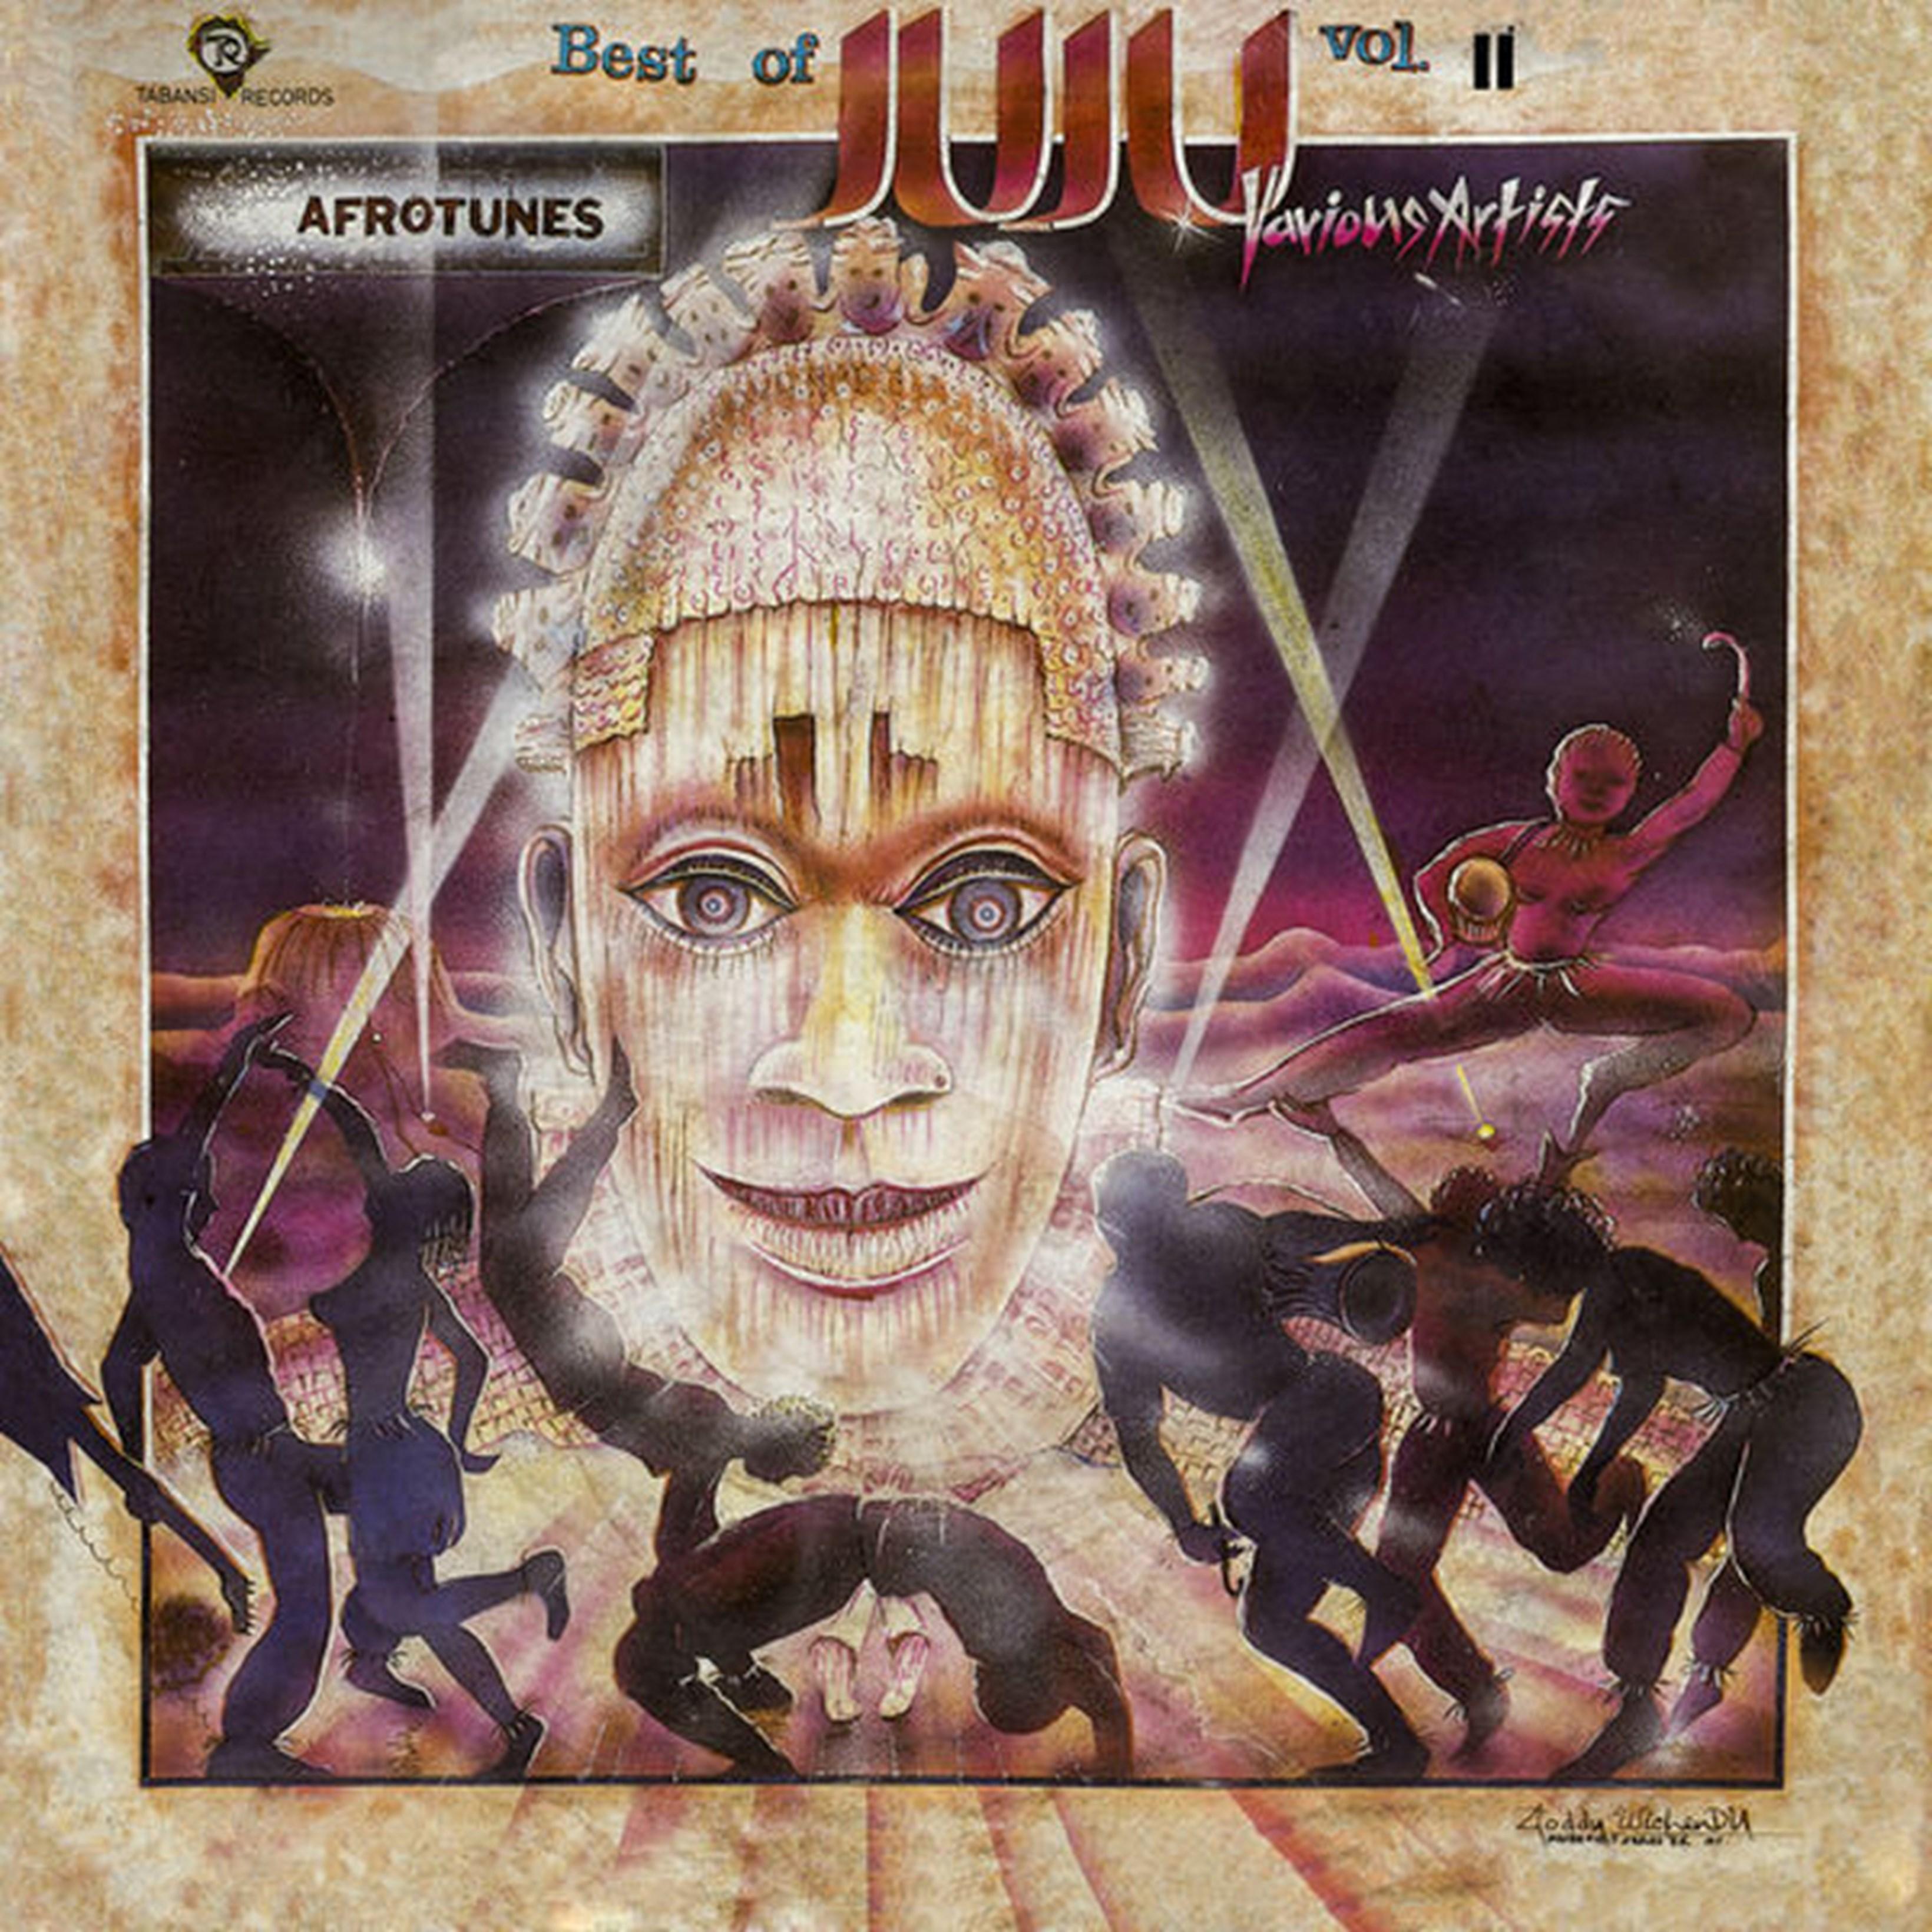 Afrotunes - Best of Juju: Oba Mimo Olorun Ayo - Volume II - 1